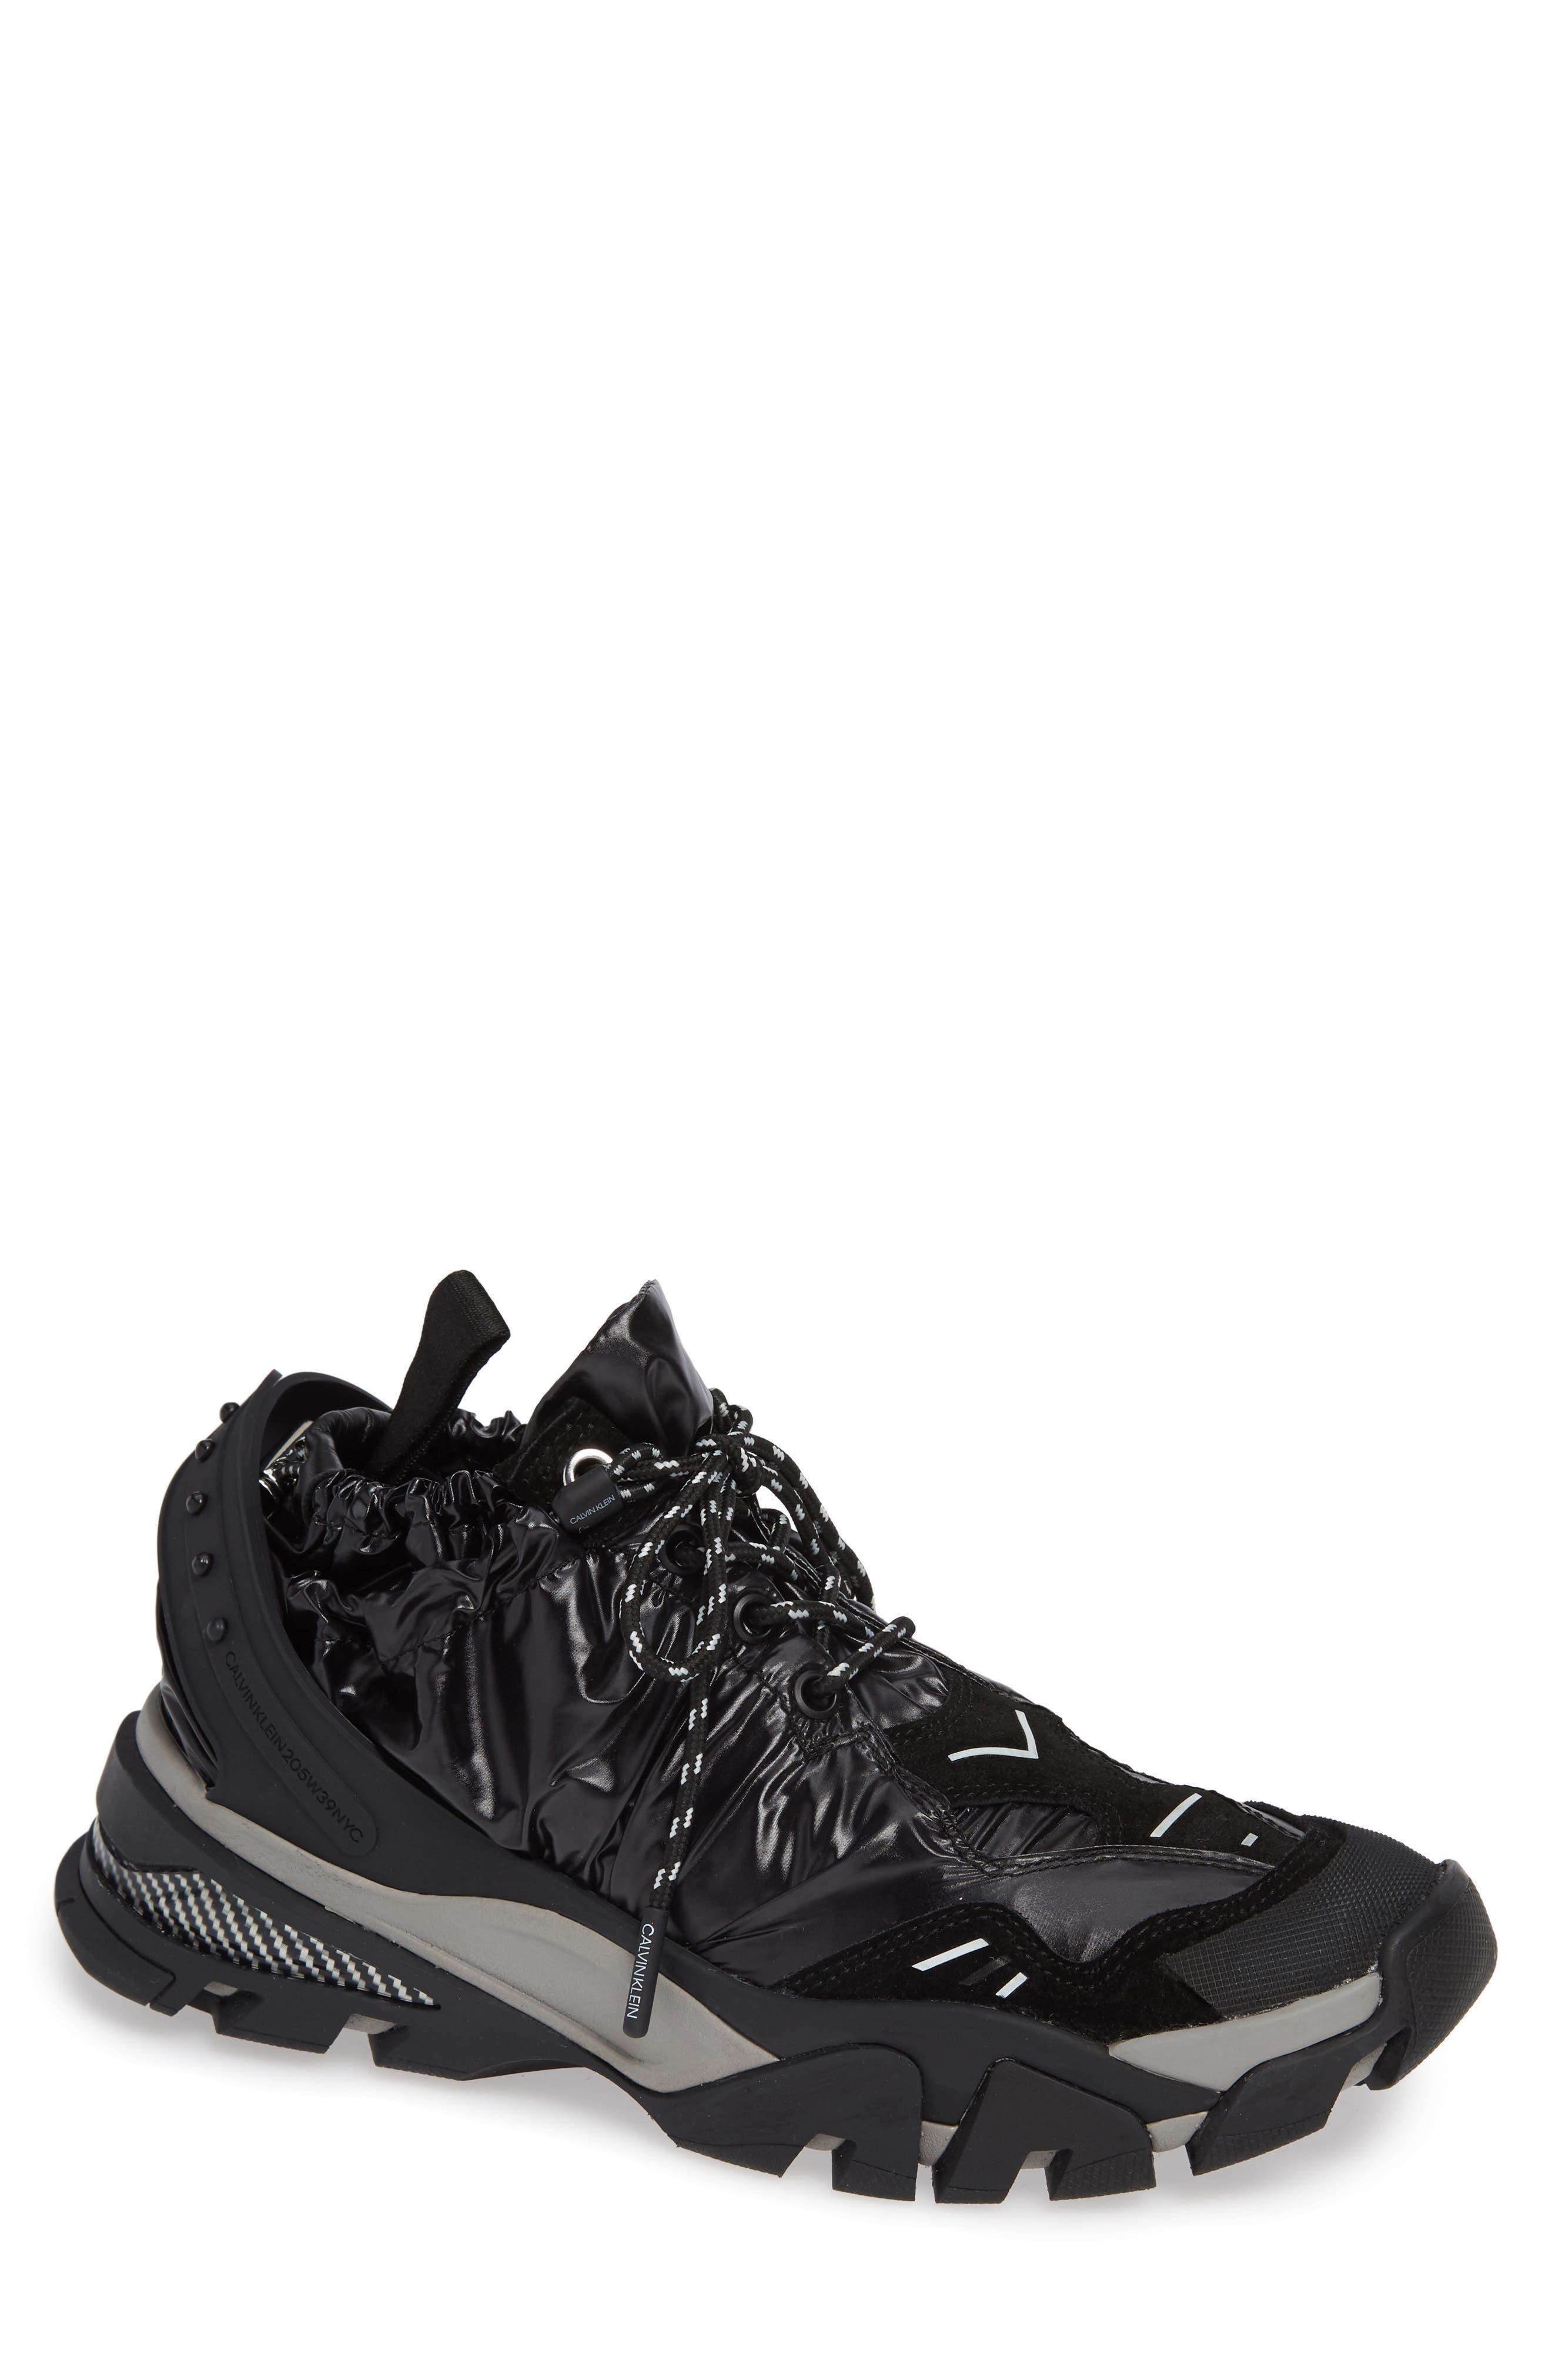 Carsdat 10 Elastic Sneaker,                             Main thumbnail 1, color,                             BLACK